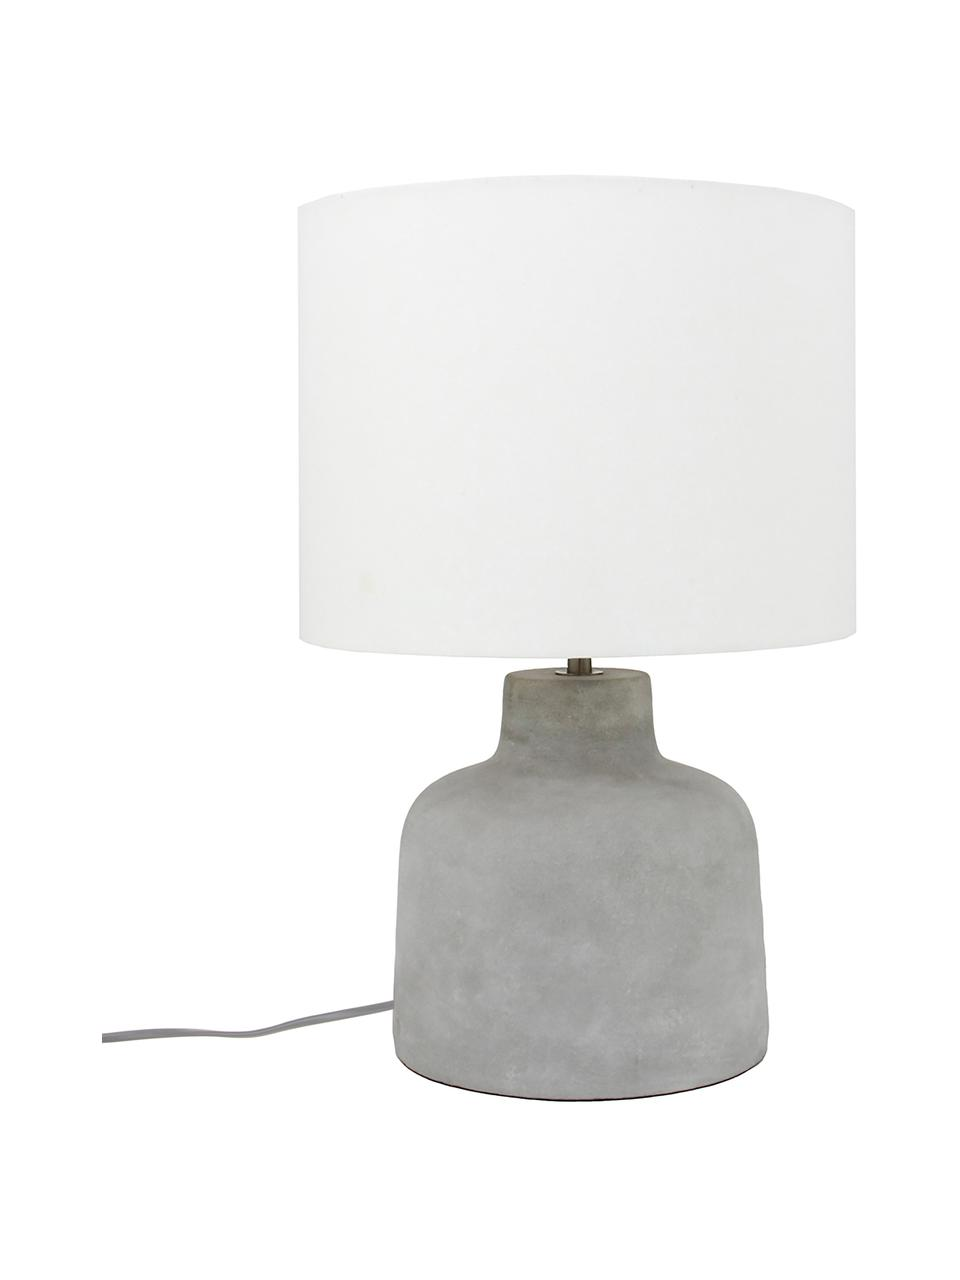 Moderne Tischlampe Ike mit Betonfuß, Lampenschirm: 100% Leinen, Lampenfuß: Beton, Beton, Weiß, Ø 30 x H 45 cm